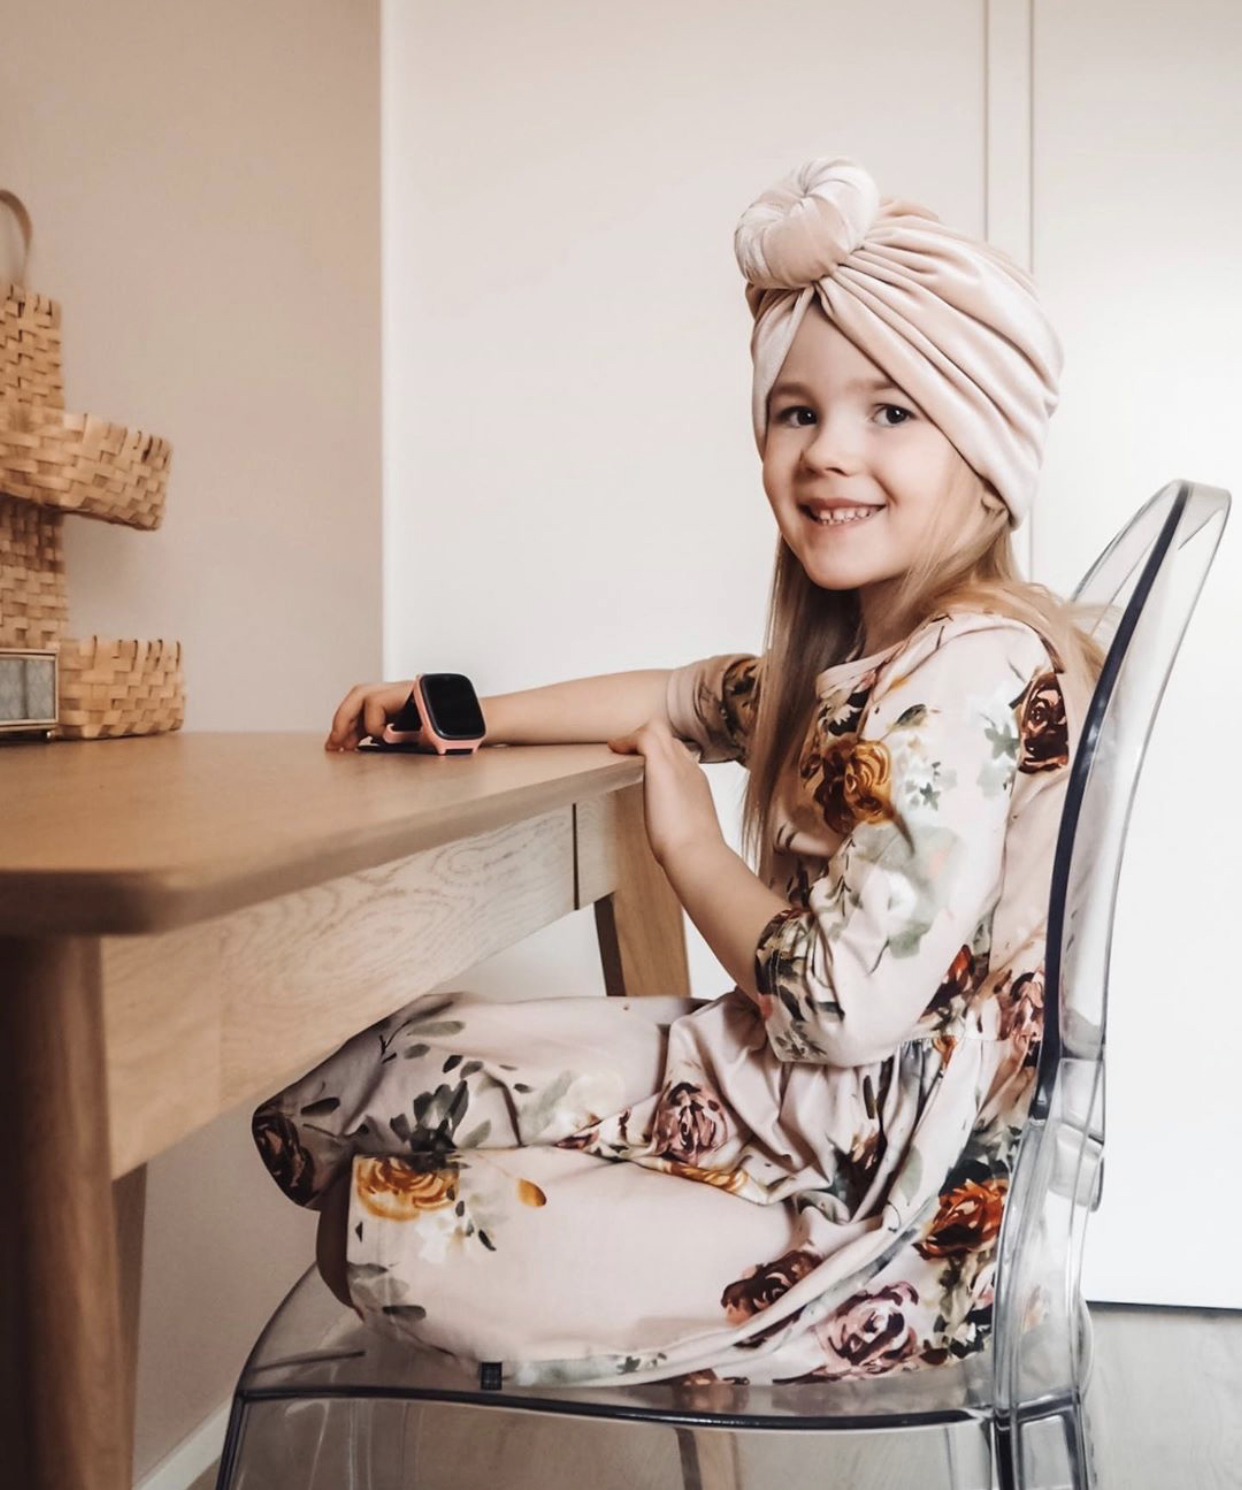 Hvordan påvirkes barna av for mye skjermtid?